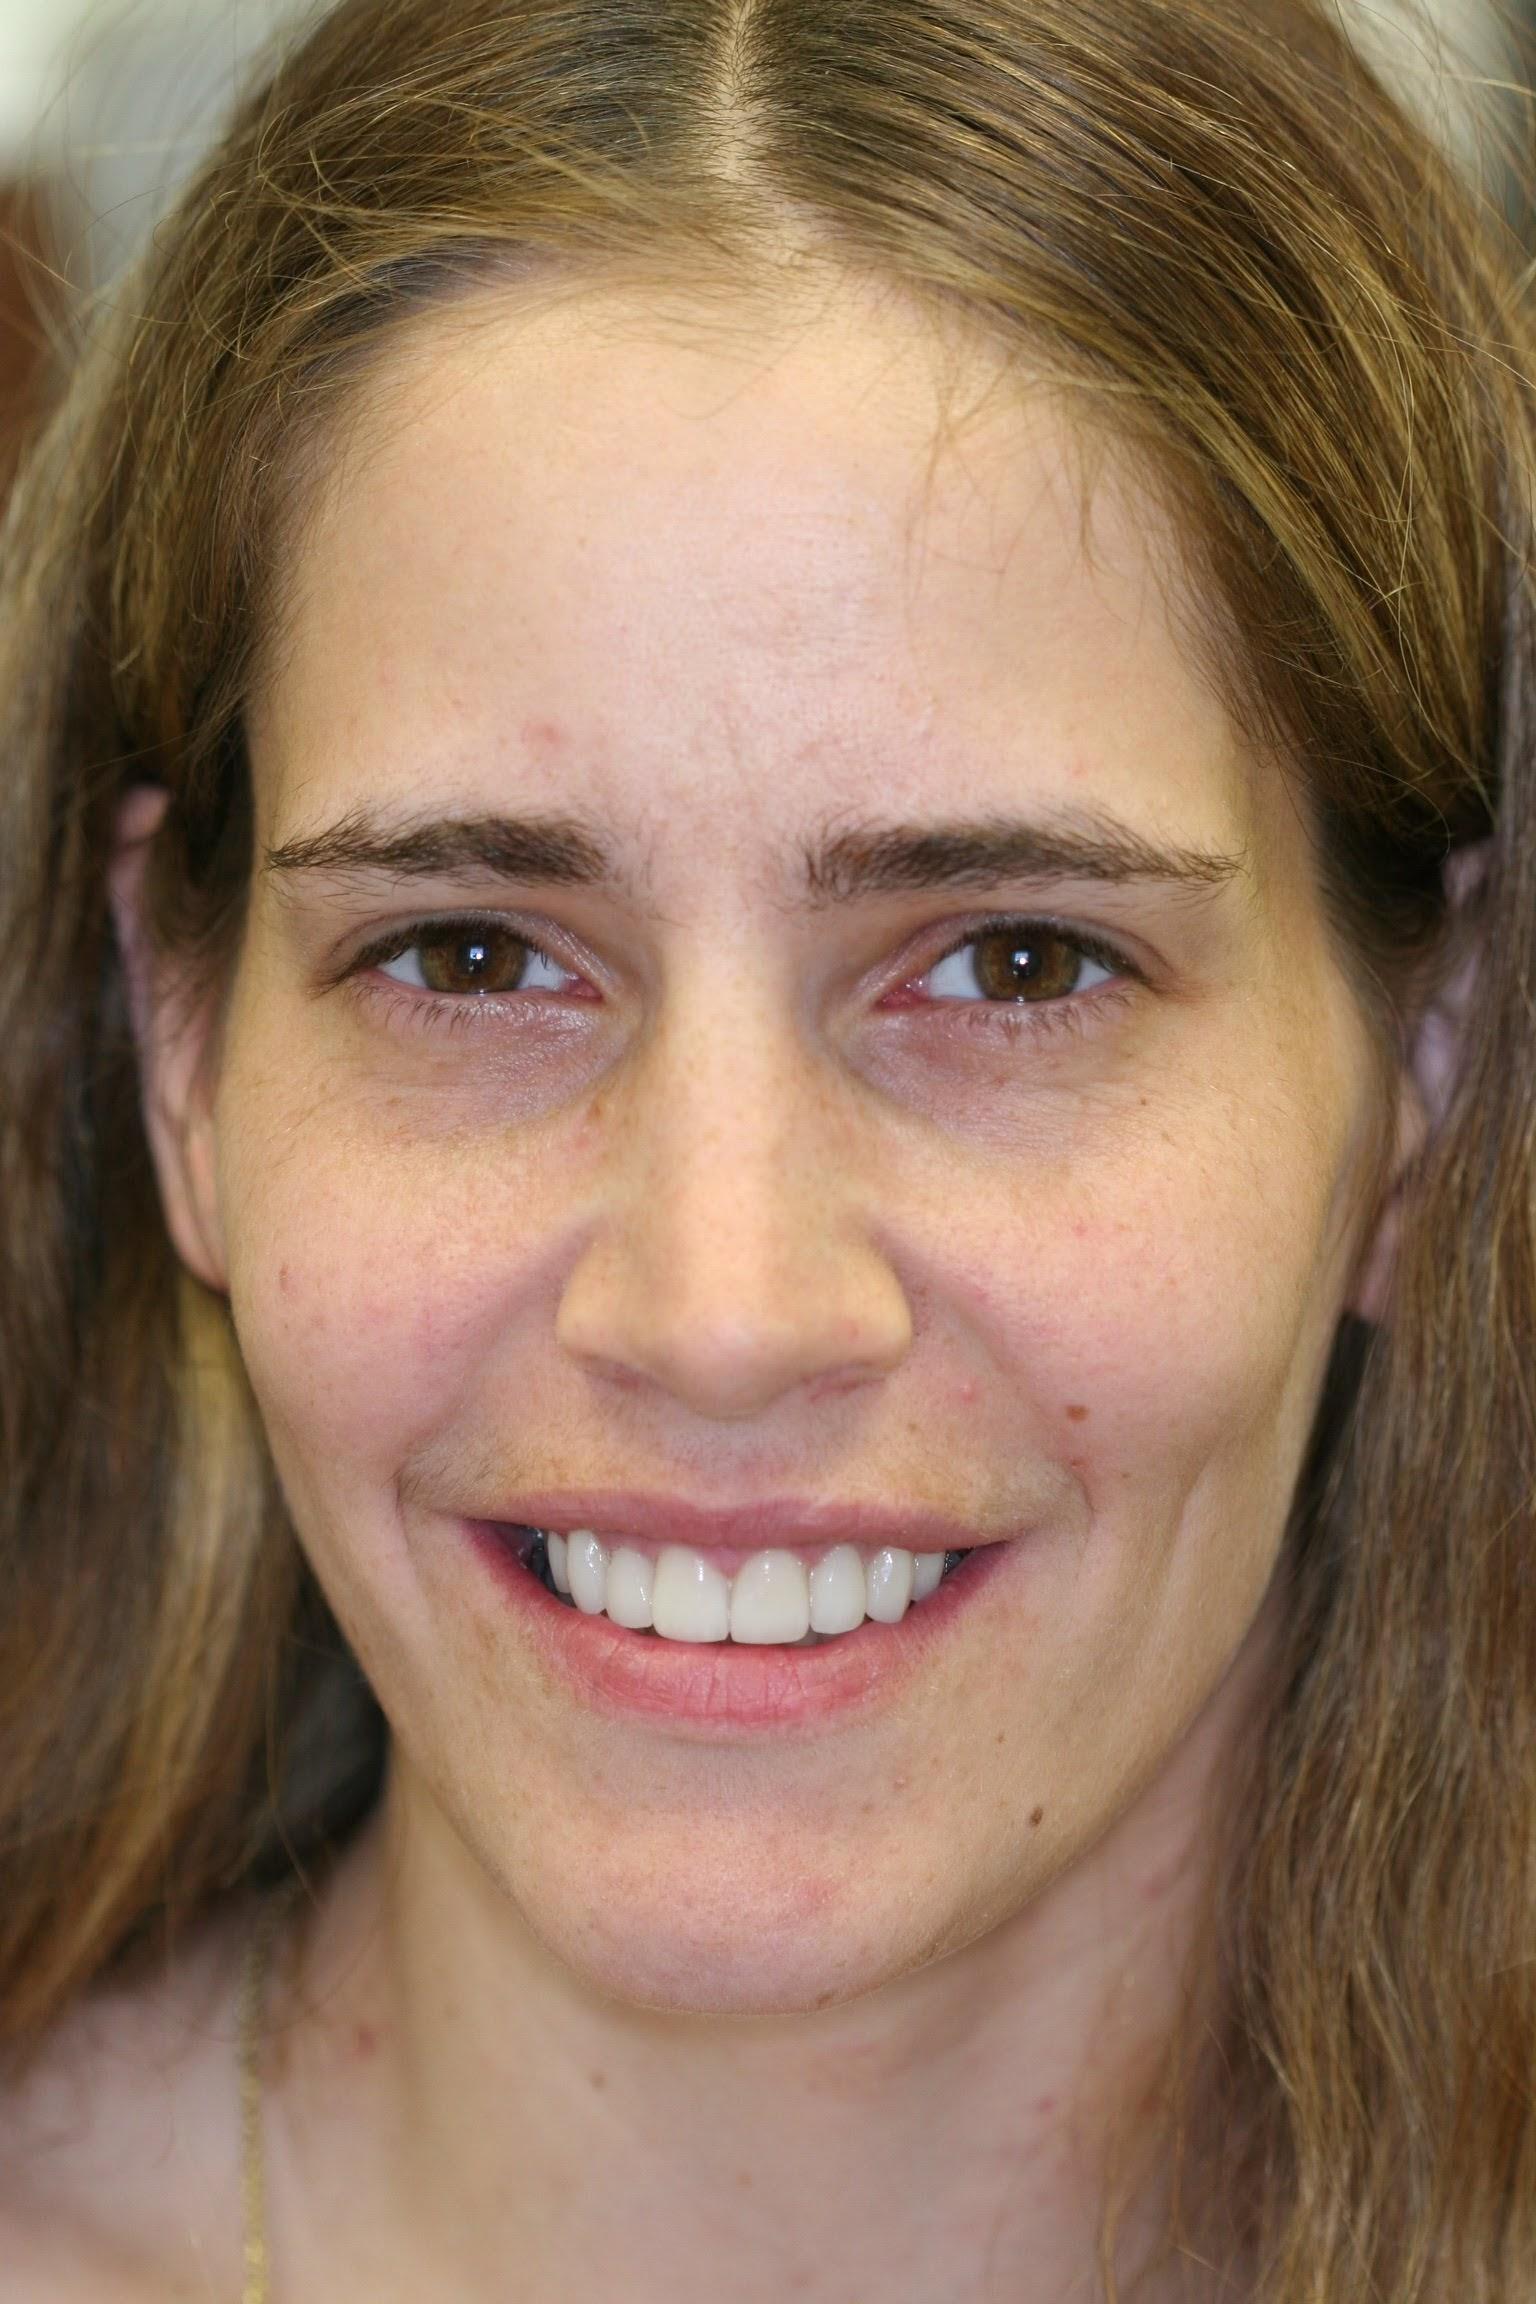 Holistic Dentist Brooklyn NY   Biological Dentistry   844-735-8863